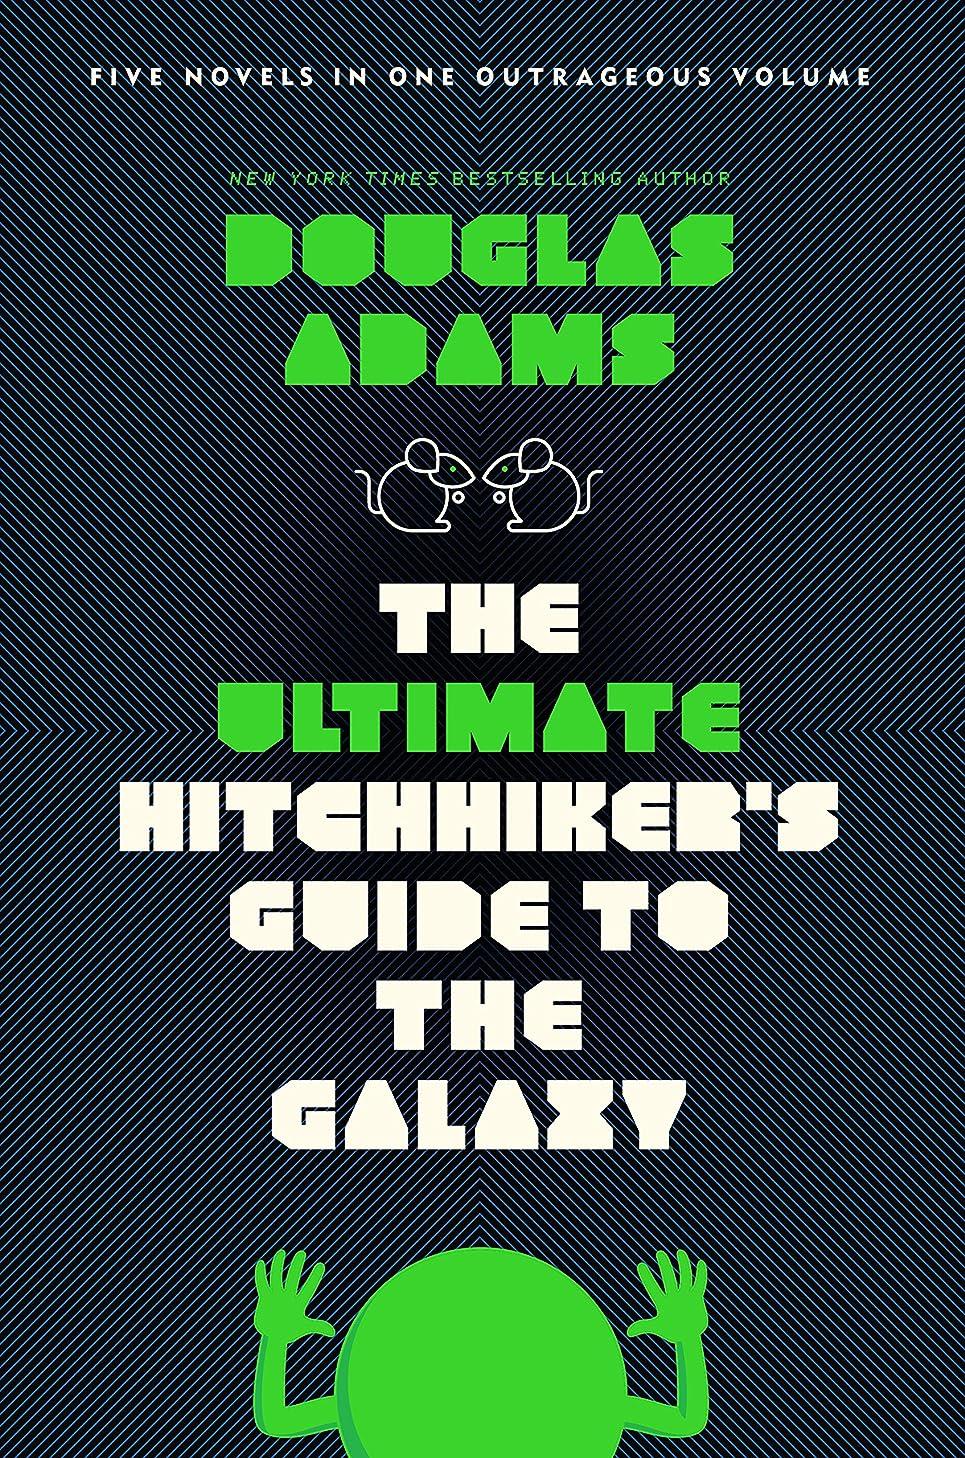 出会い想定事The Ultimate Hitchhiker's Guide to the Galaxy: Five Novels in One Outrageous Volume (English Edition)